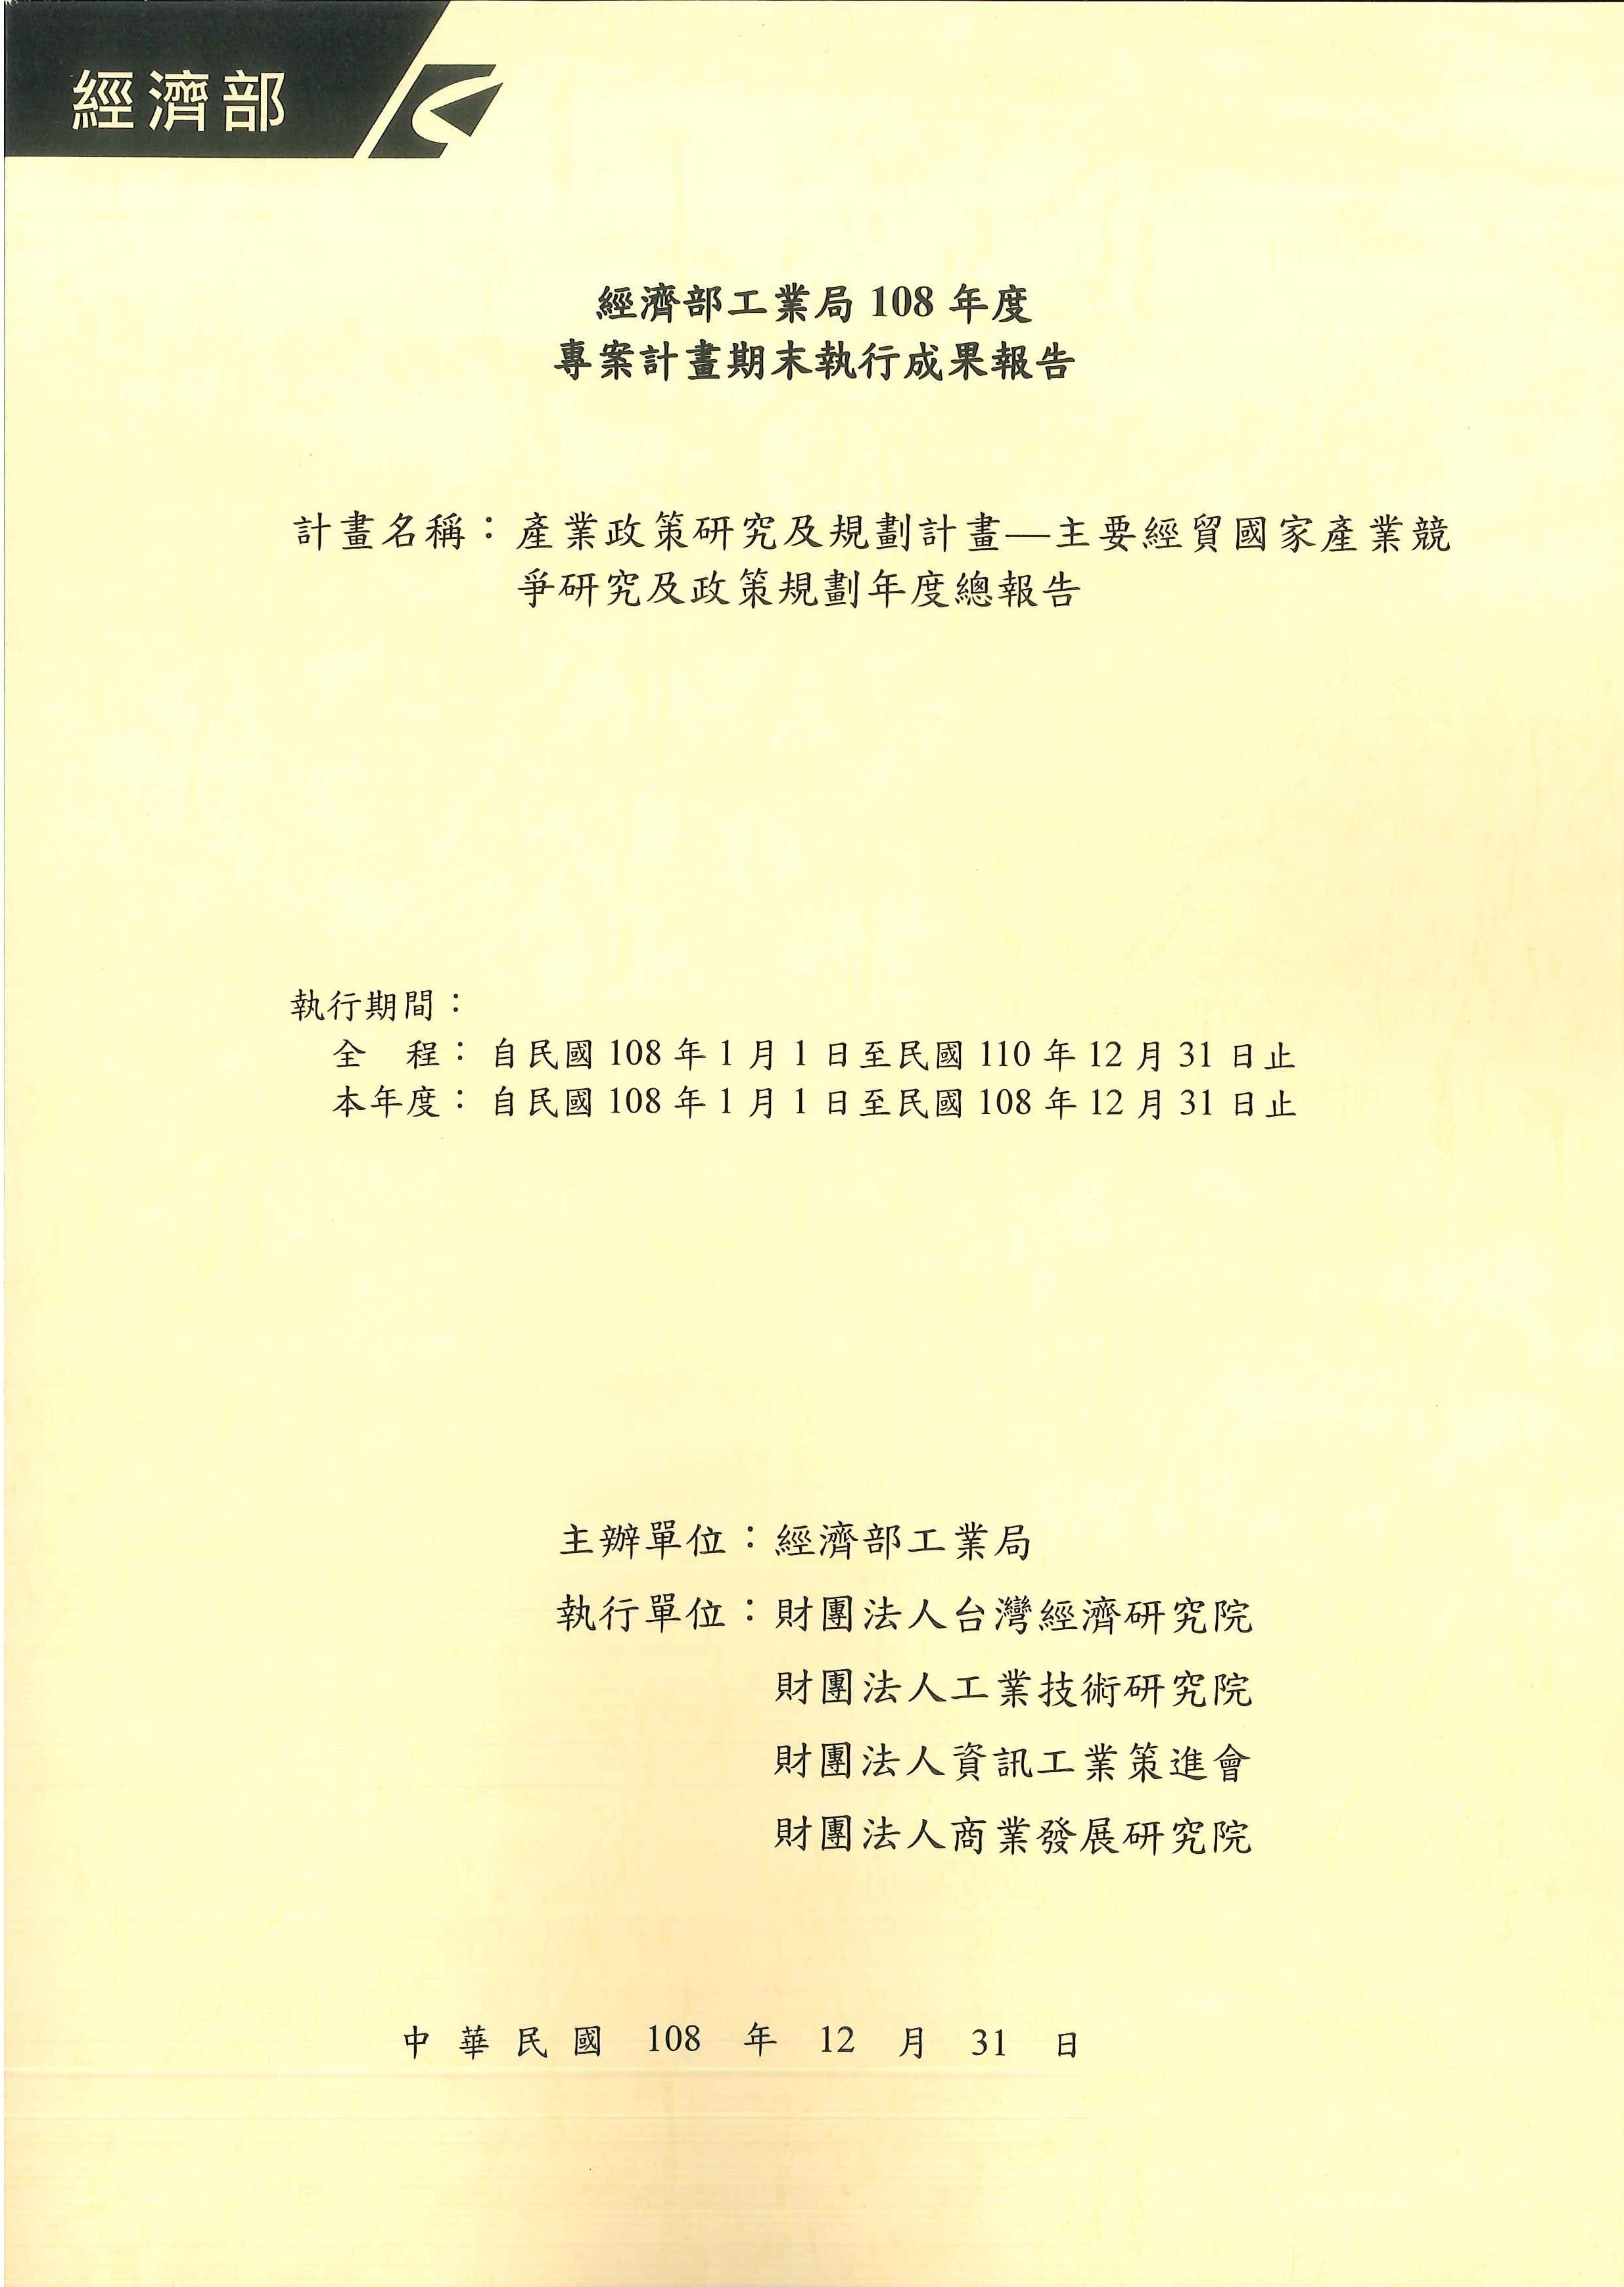 產業政策研究及規劃計畫:主要經貿國家產業競爭研究及政策規劃年度總報告